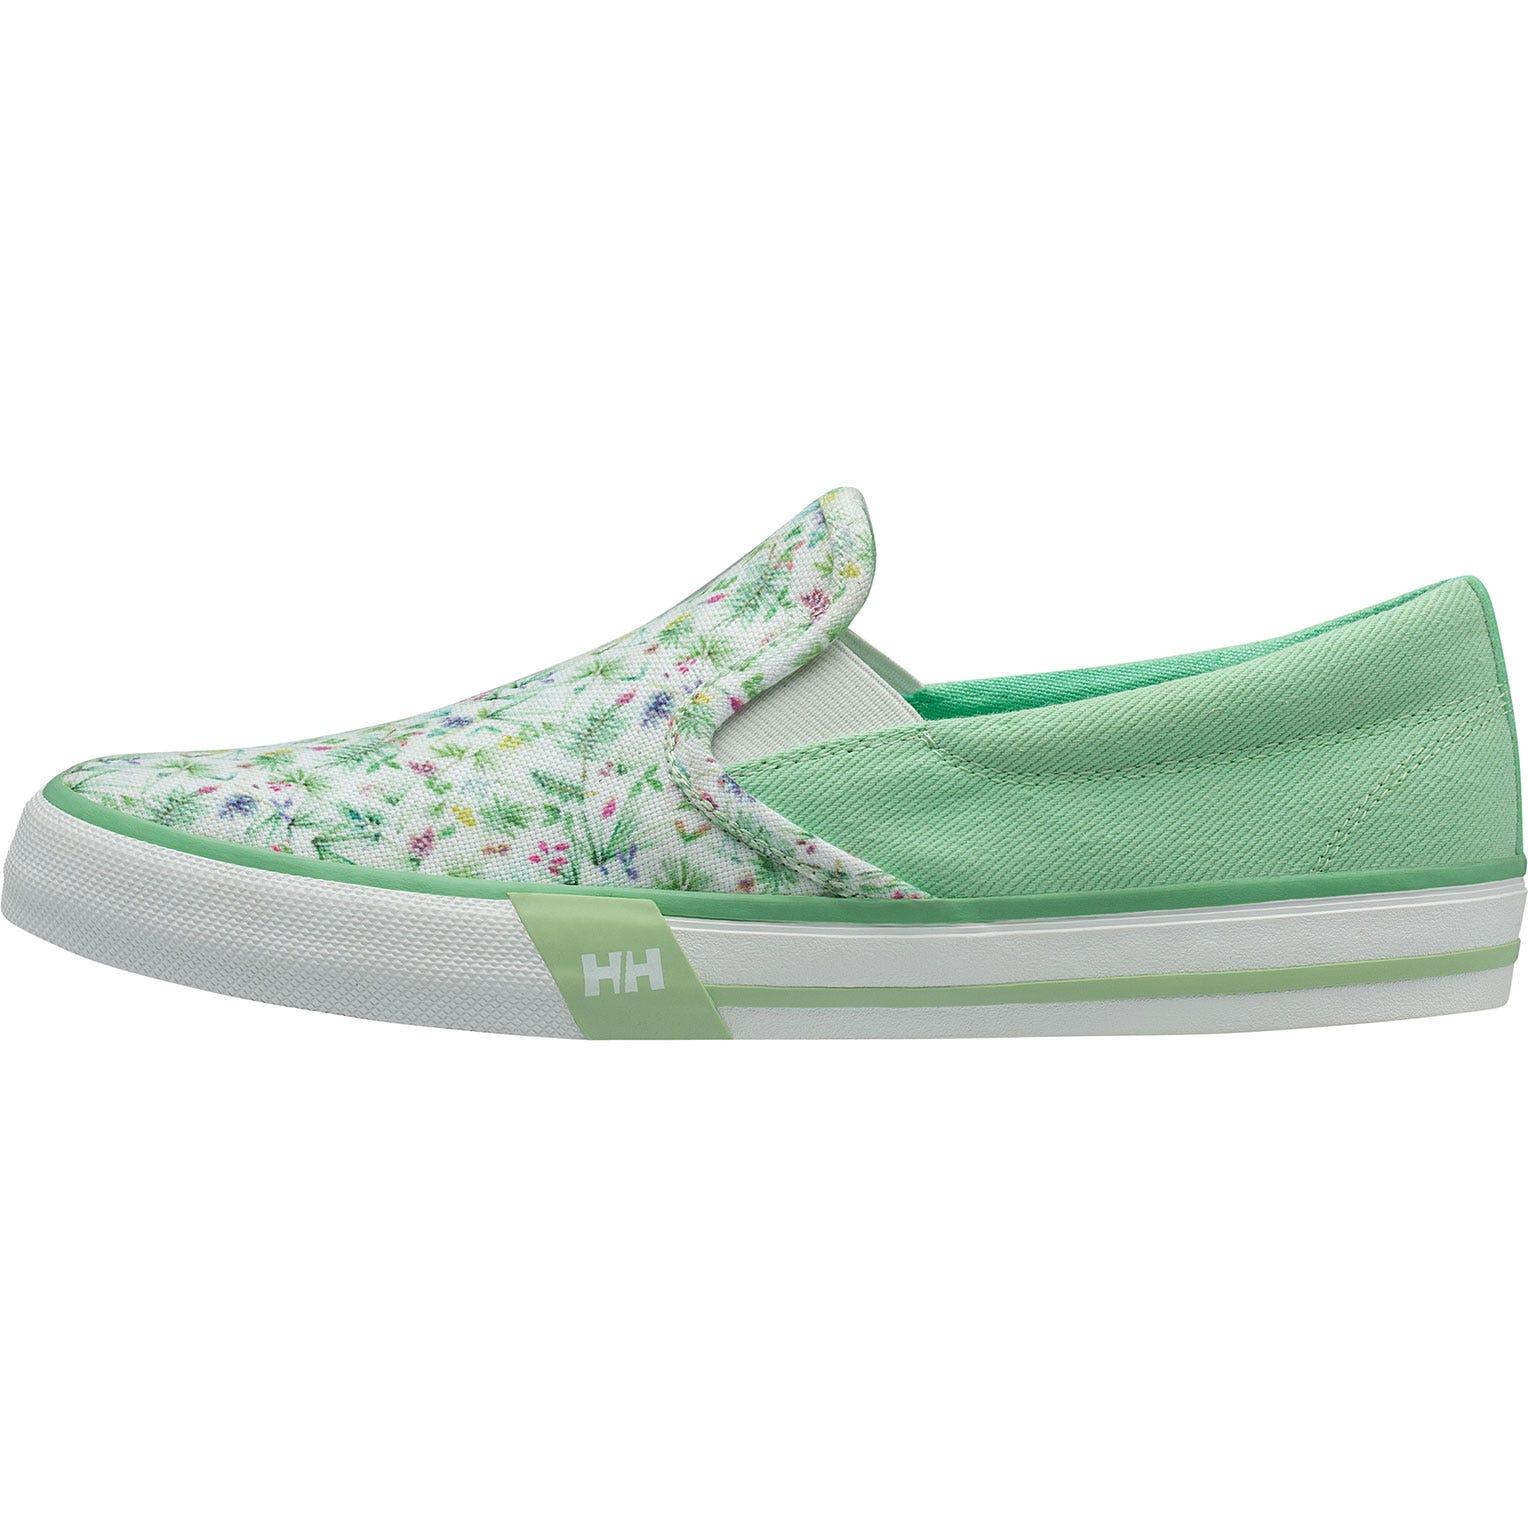 Helly Hansen W Copenhagen Slipon Shoe Womens Casual Green 37/6